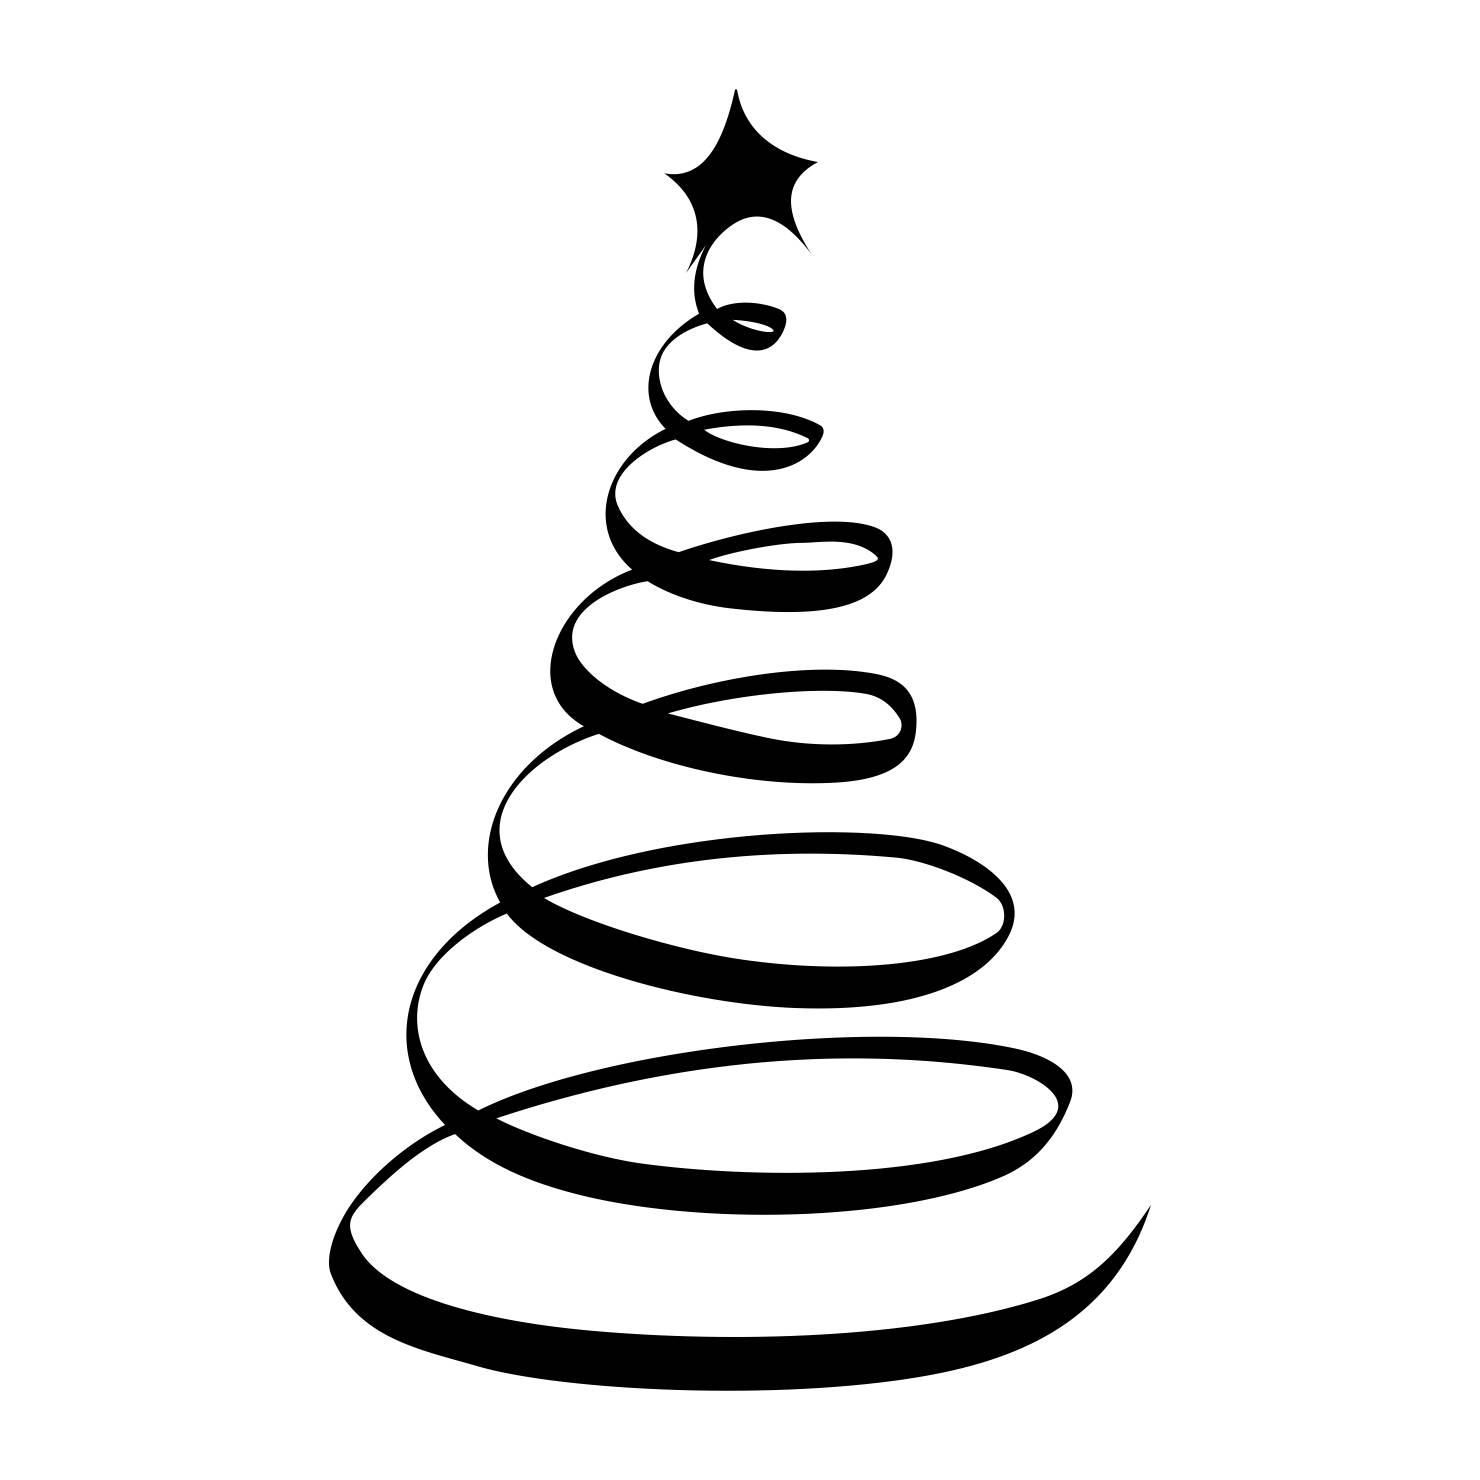 Silueta Arbol De Navidad Png Niza Regalos De Navidad 2019